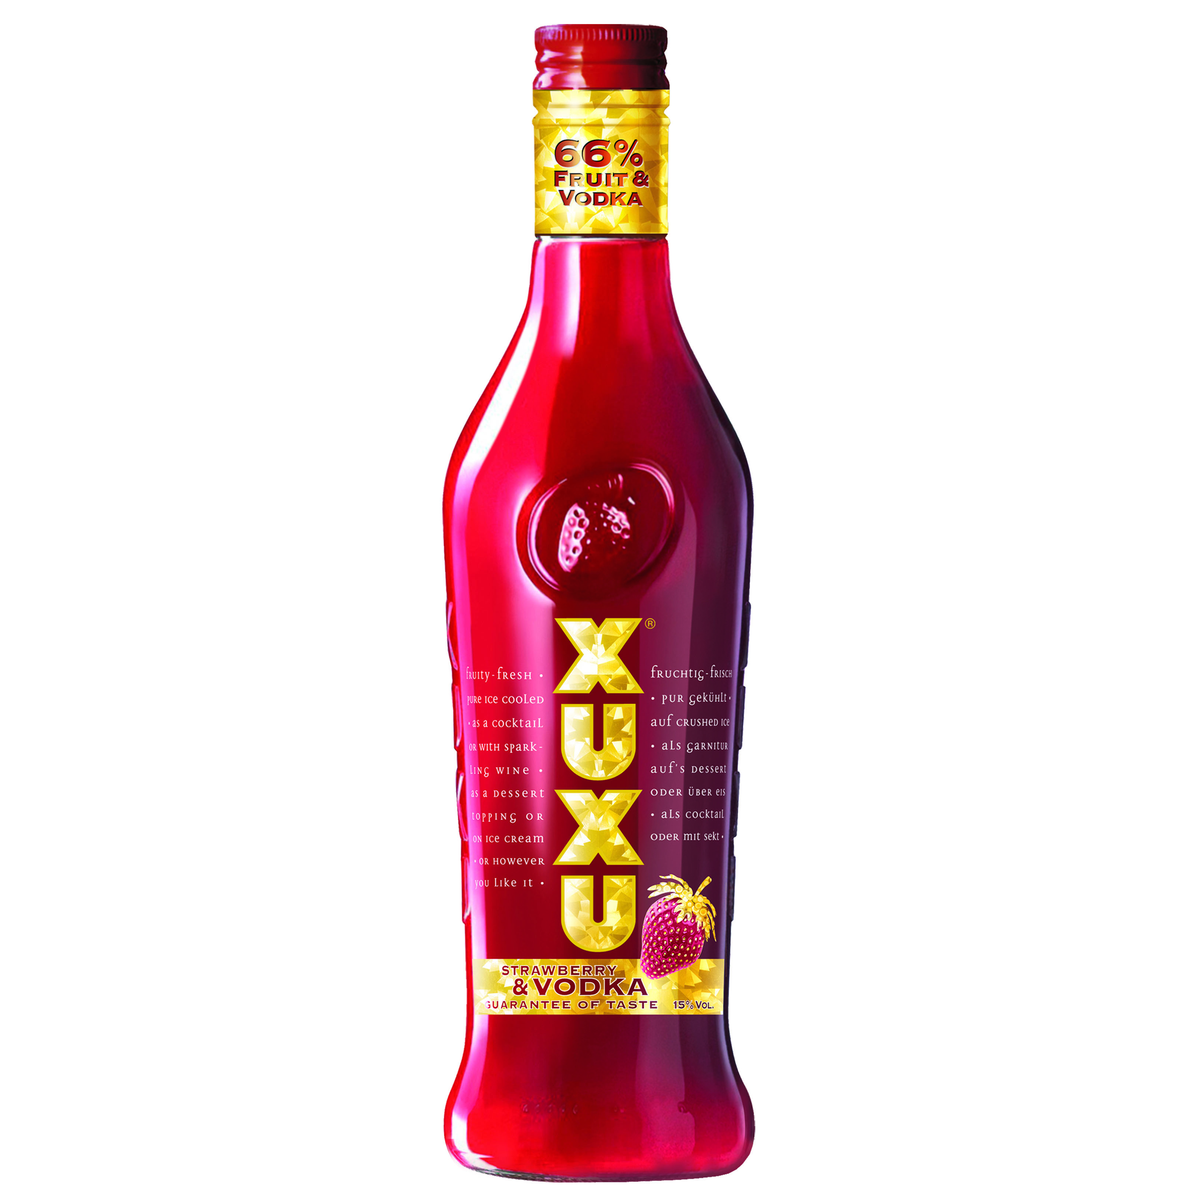 Ксю ксю (xuxu) ликер — описание напитка и как приготовить ее самому